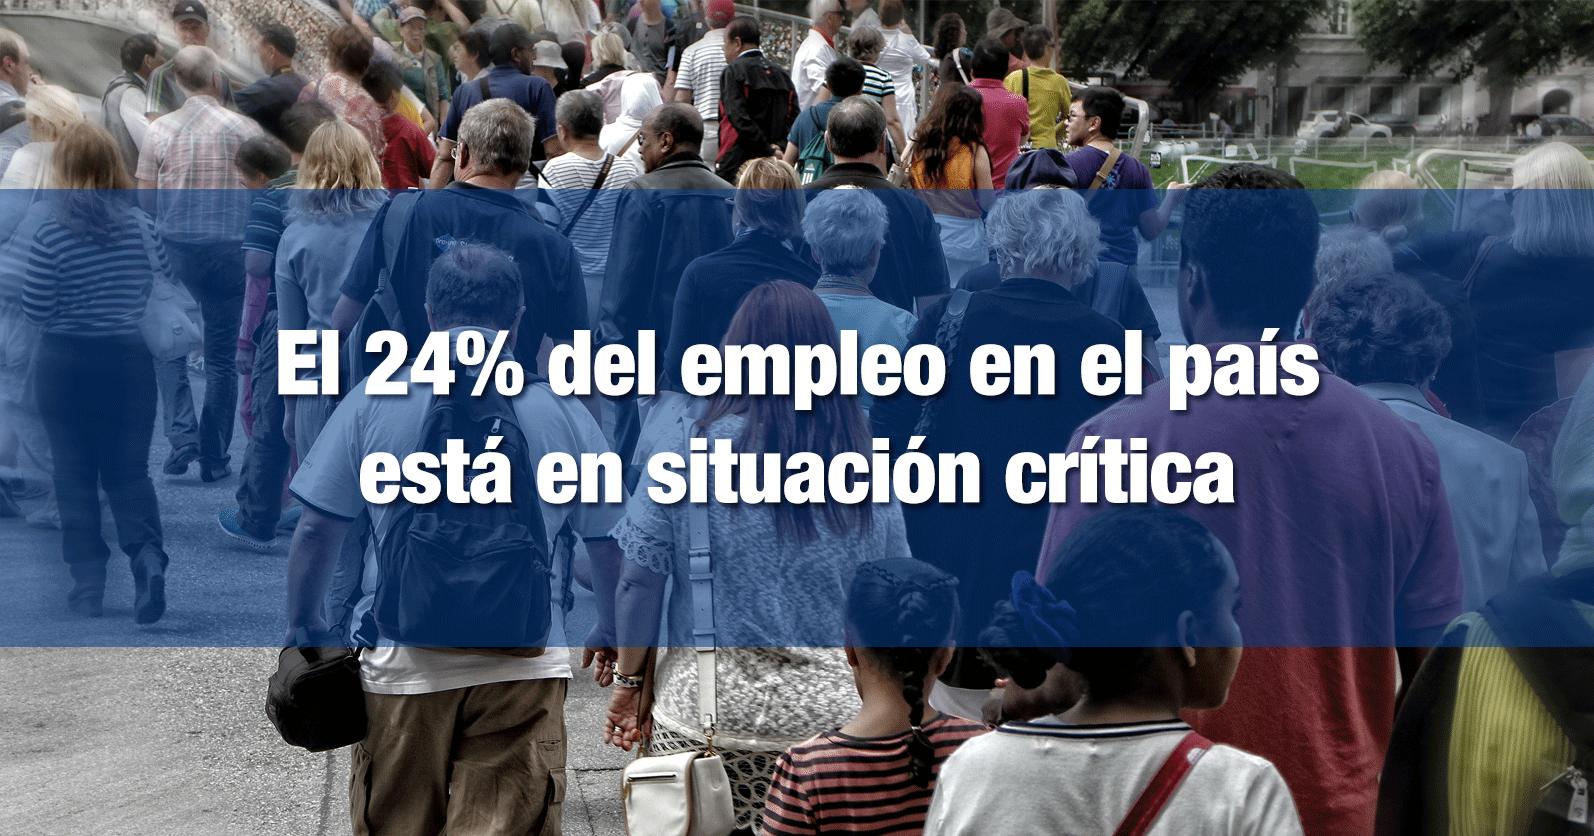 El 24% del empleo en el país está en situación crítica